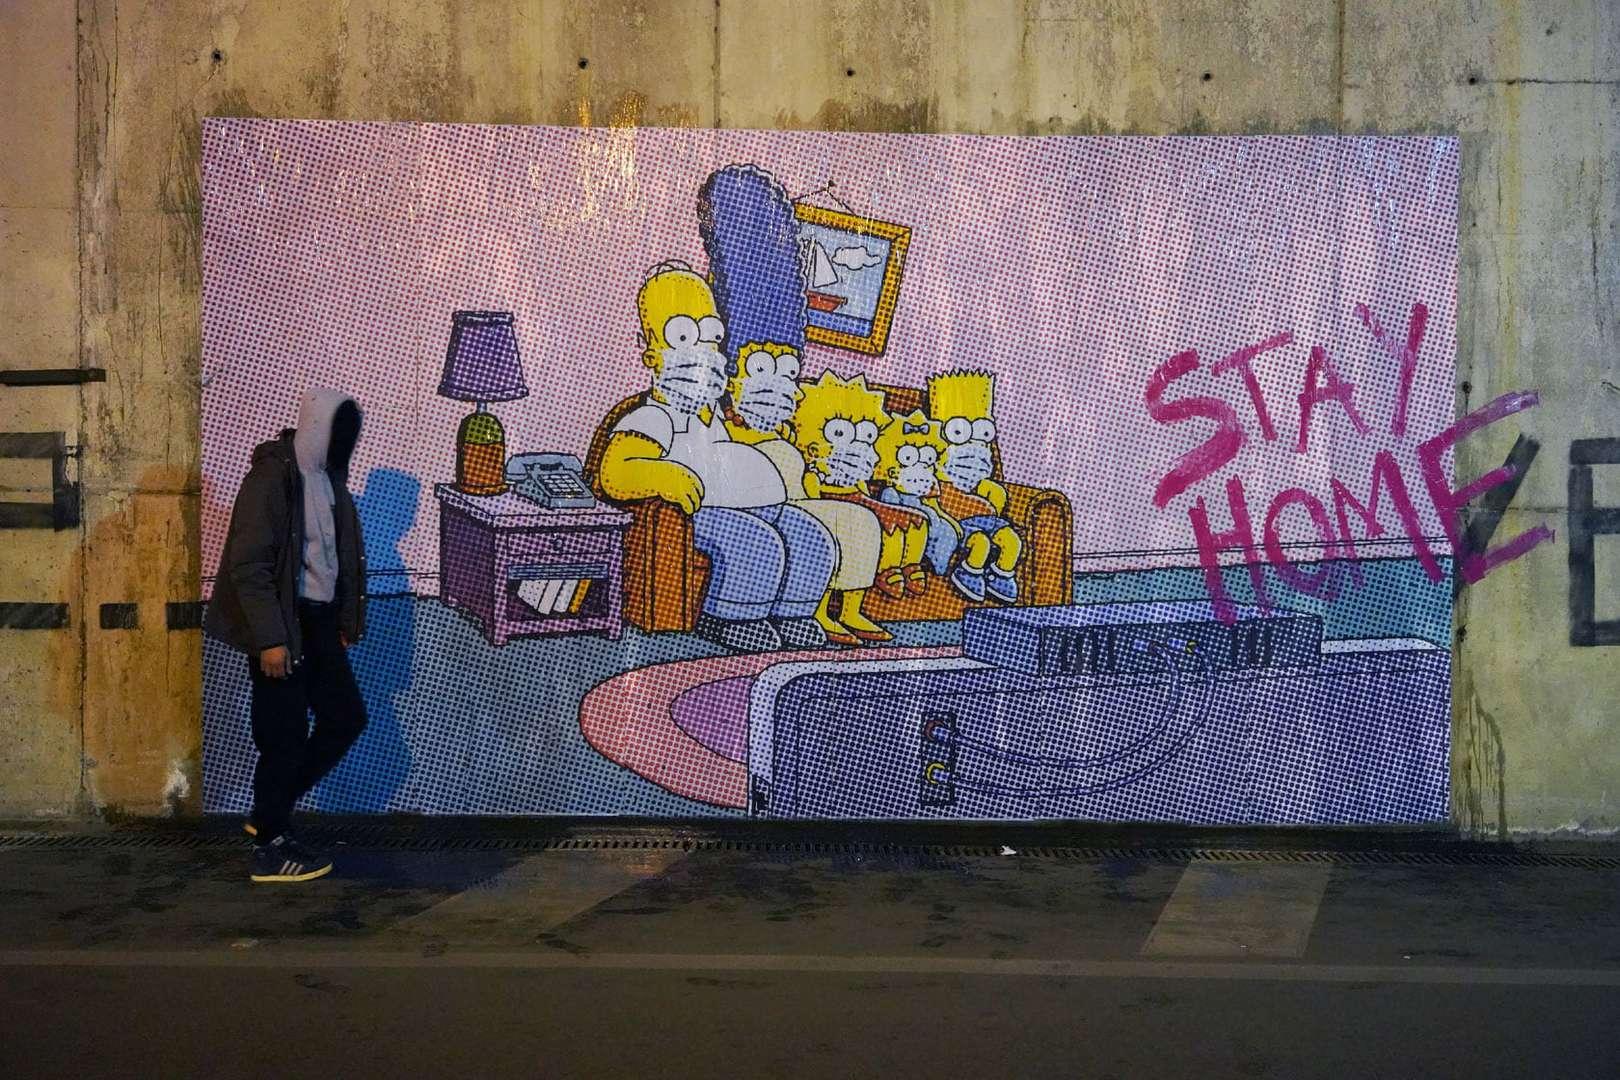 street art coronavirus